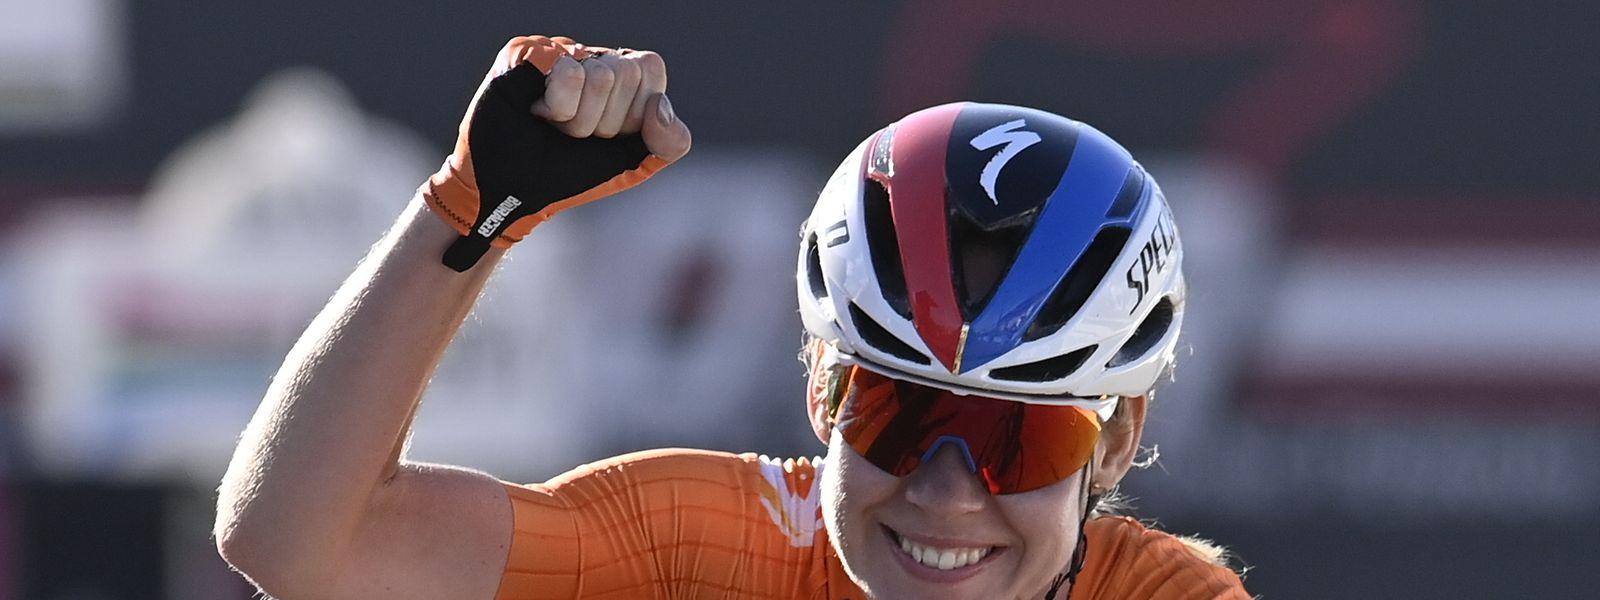 Anna van der Breggen kann erneut jubeln.